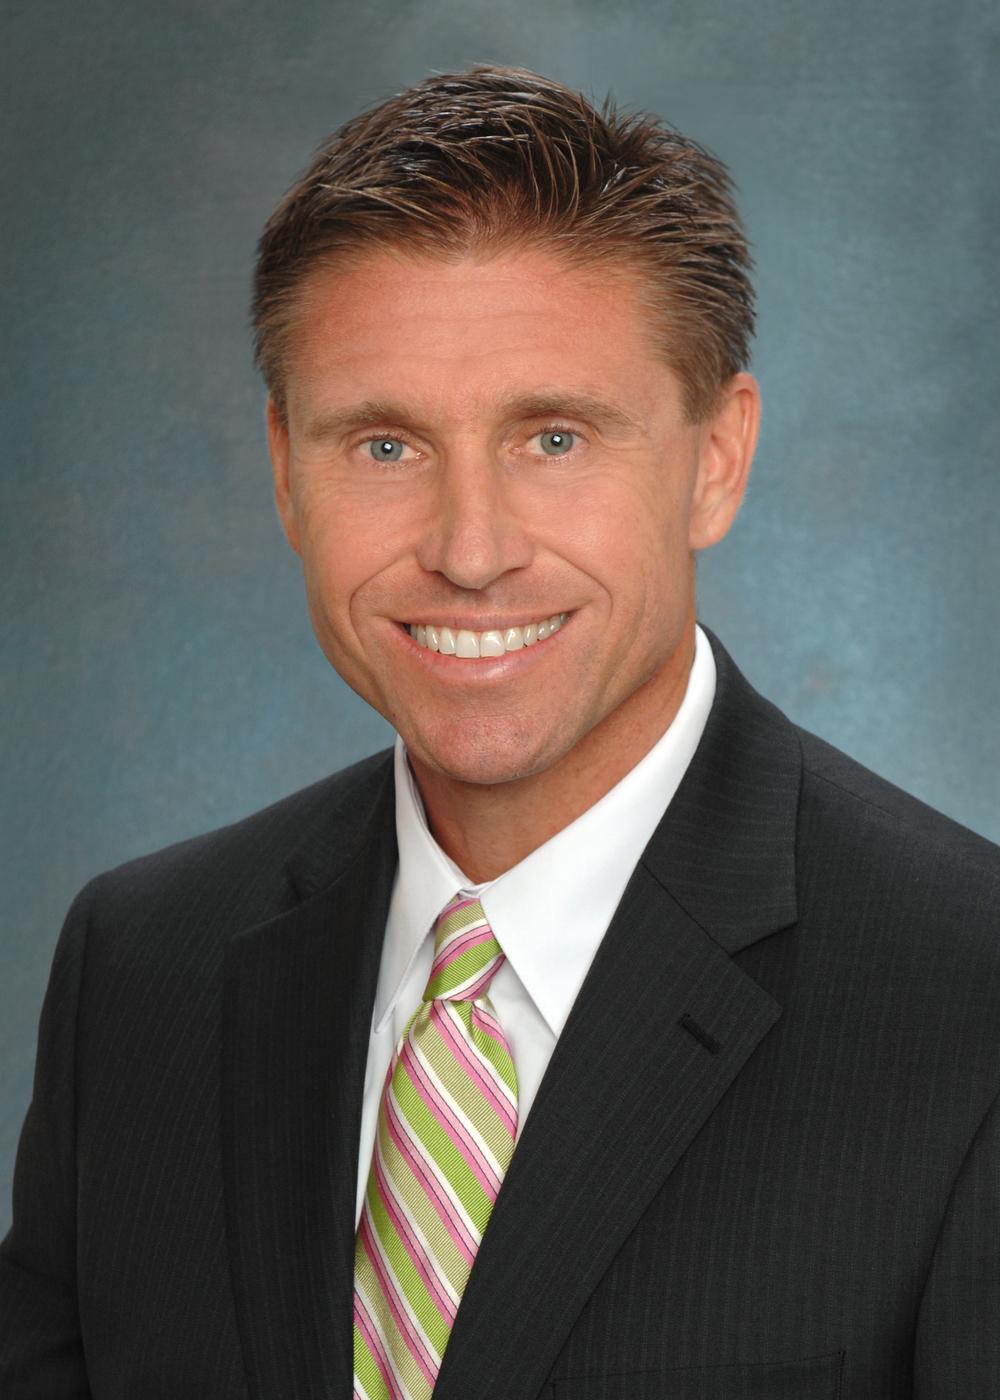 Chris Atkinson